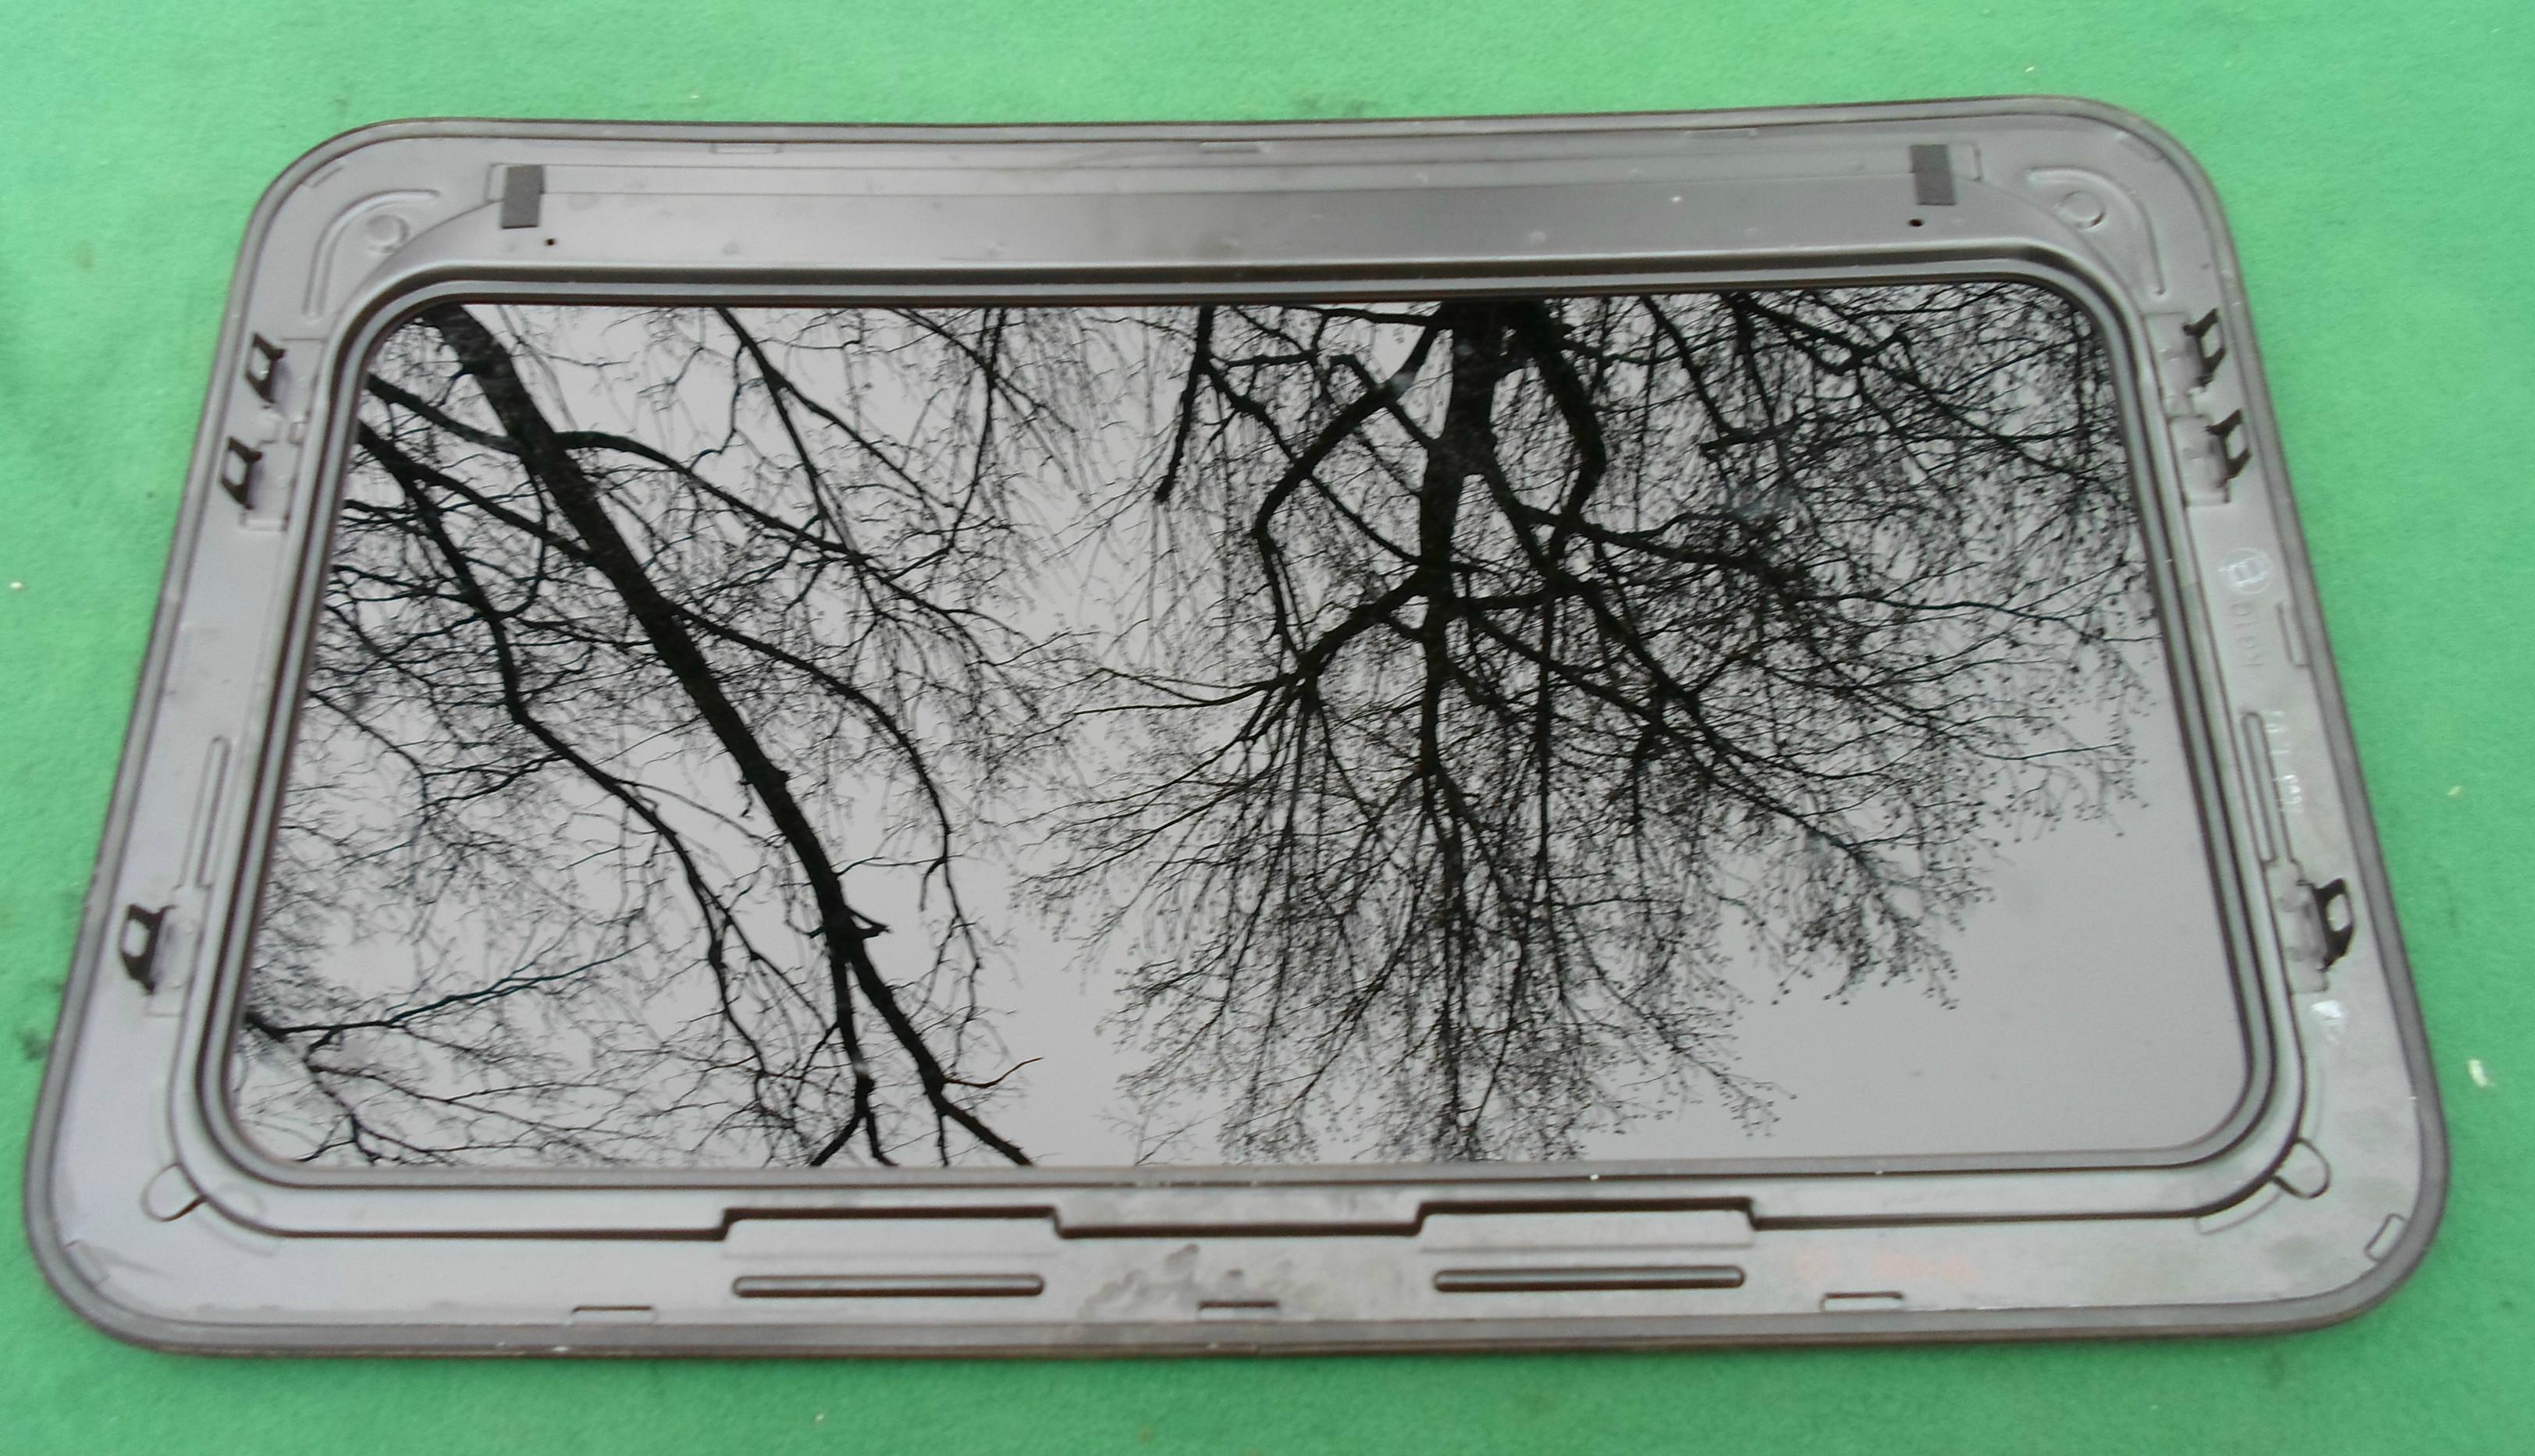 Solar Screen passgenaue T/önungsfolie Kia Sorento SUV Bj 2003-2009 Black 75